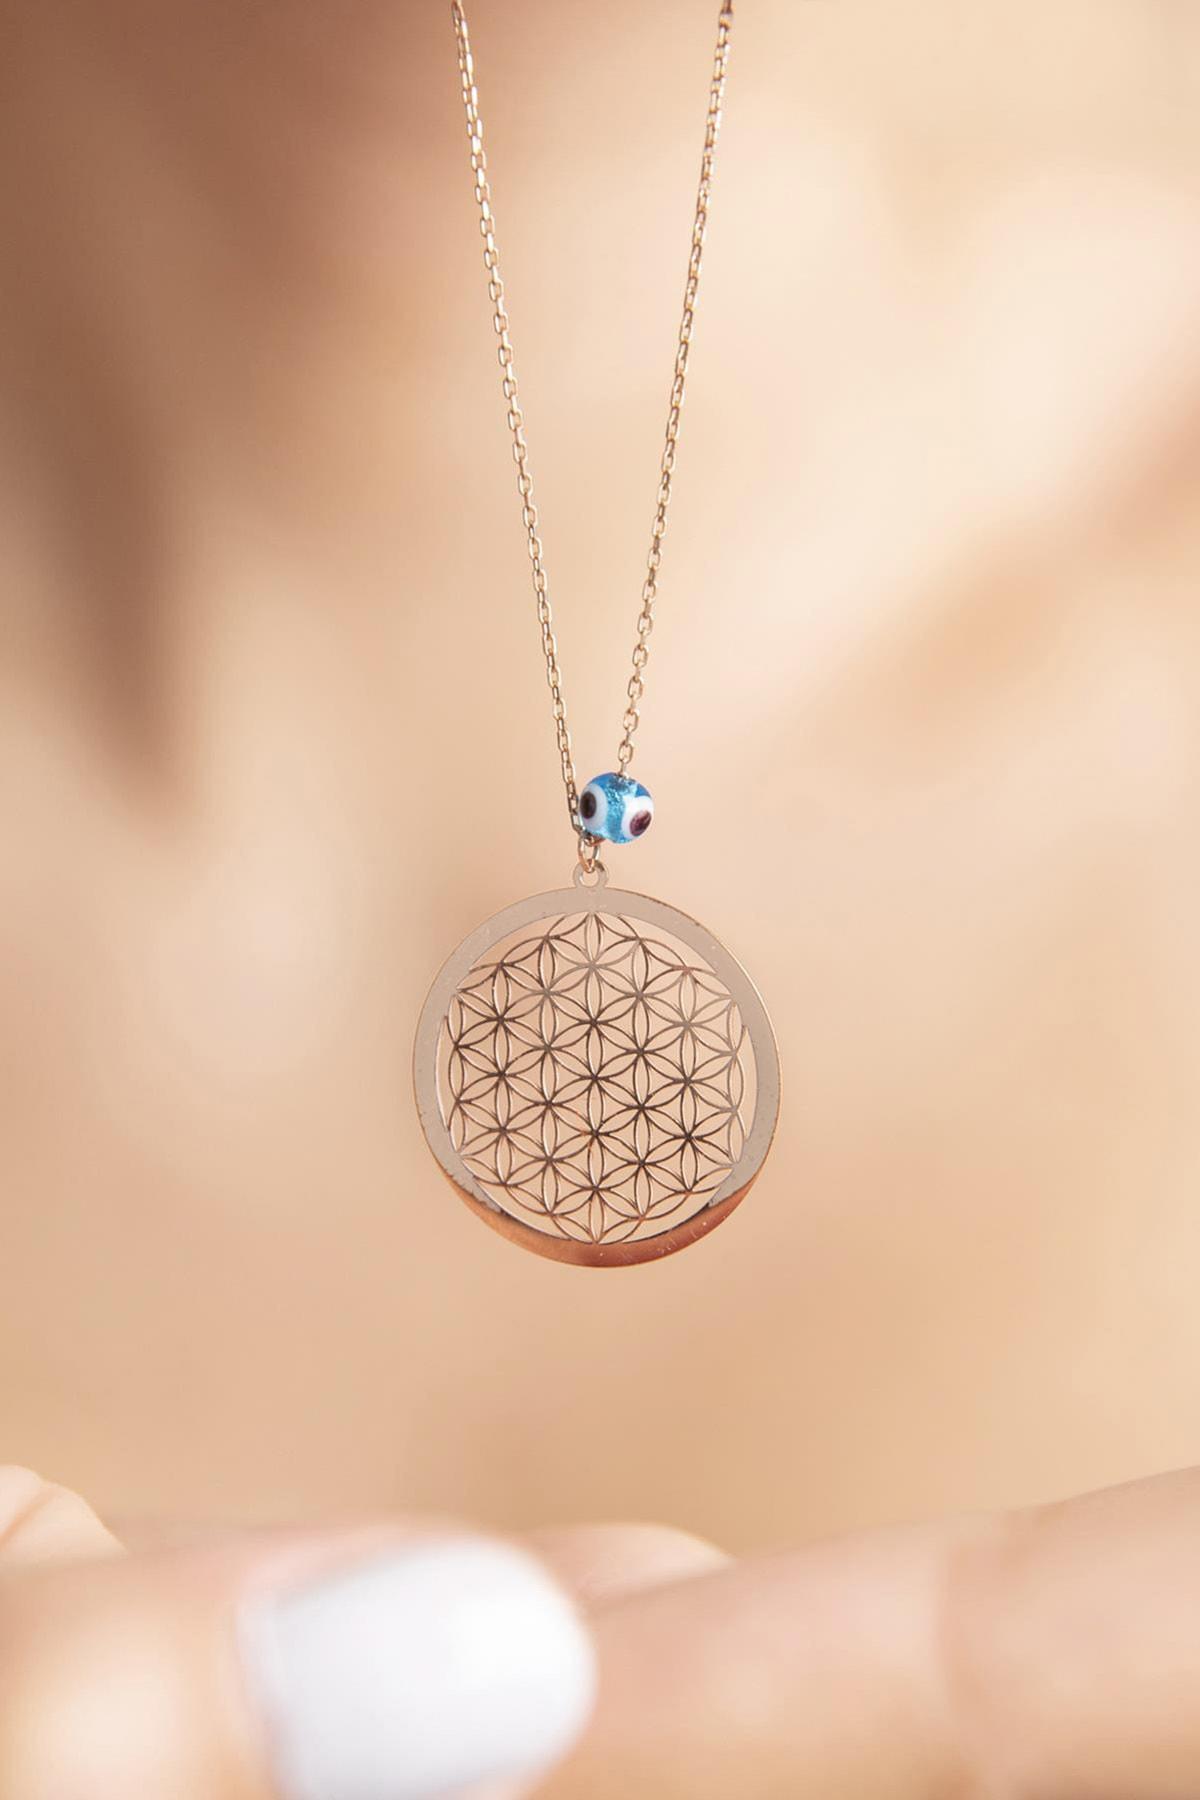 Elika Silver Yaşam Çiçeği Nazar Boncuklu Rose Kaplama 925 Ayar Gümüş Kolye 1